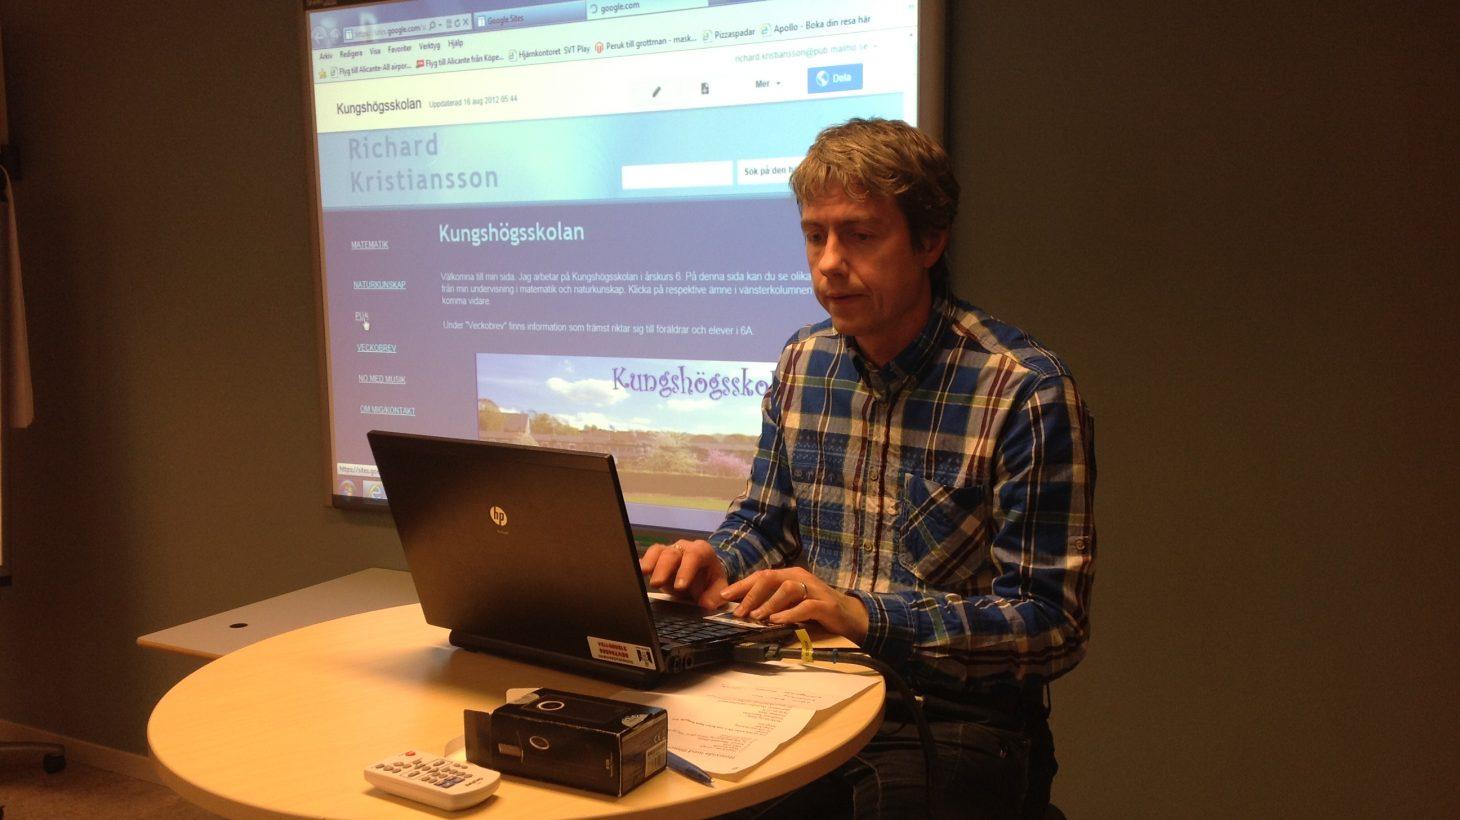 Richard Kristansson föreläser framför projicerad presentation.